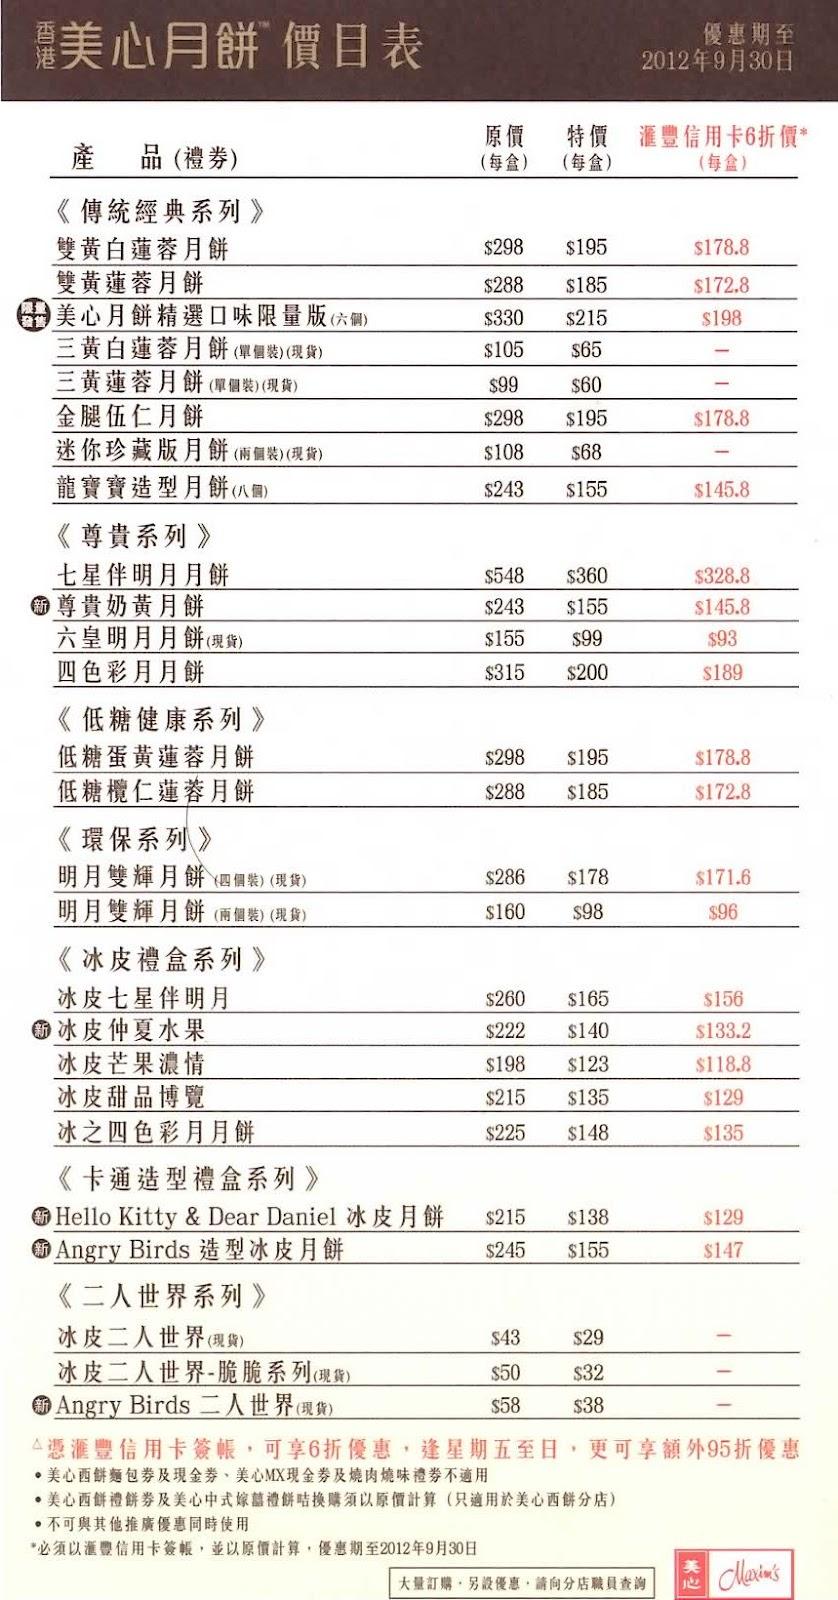 香港中秋月餅 Hong Kong Moon Cake: 美心月餅 9月價錢